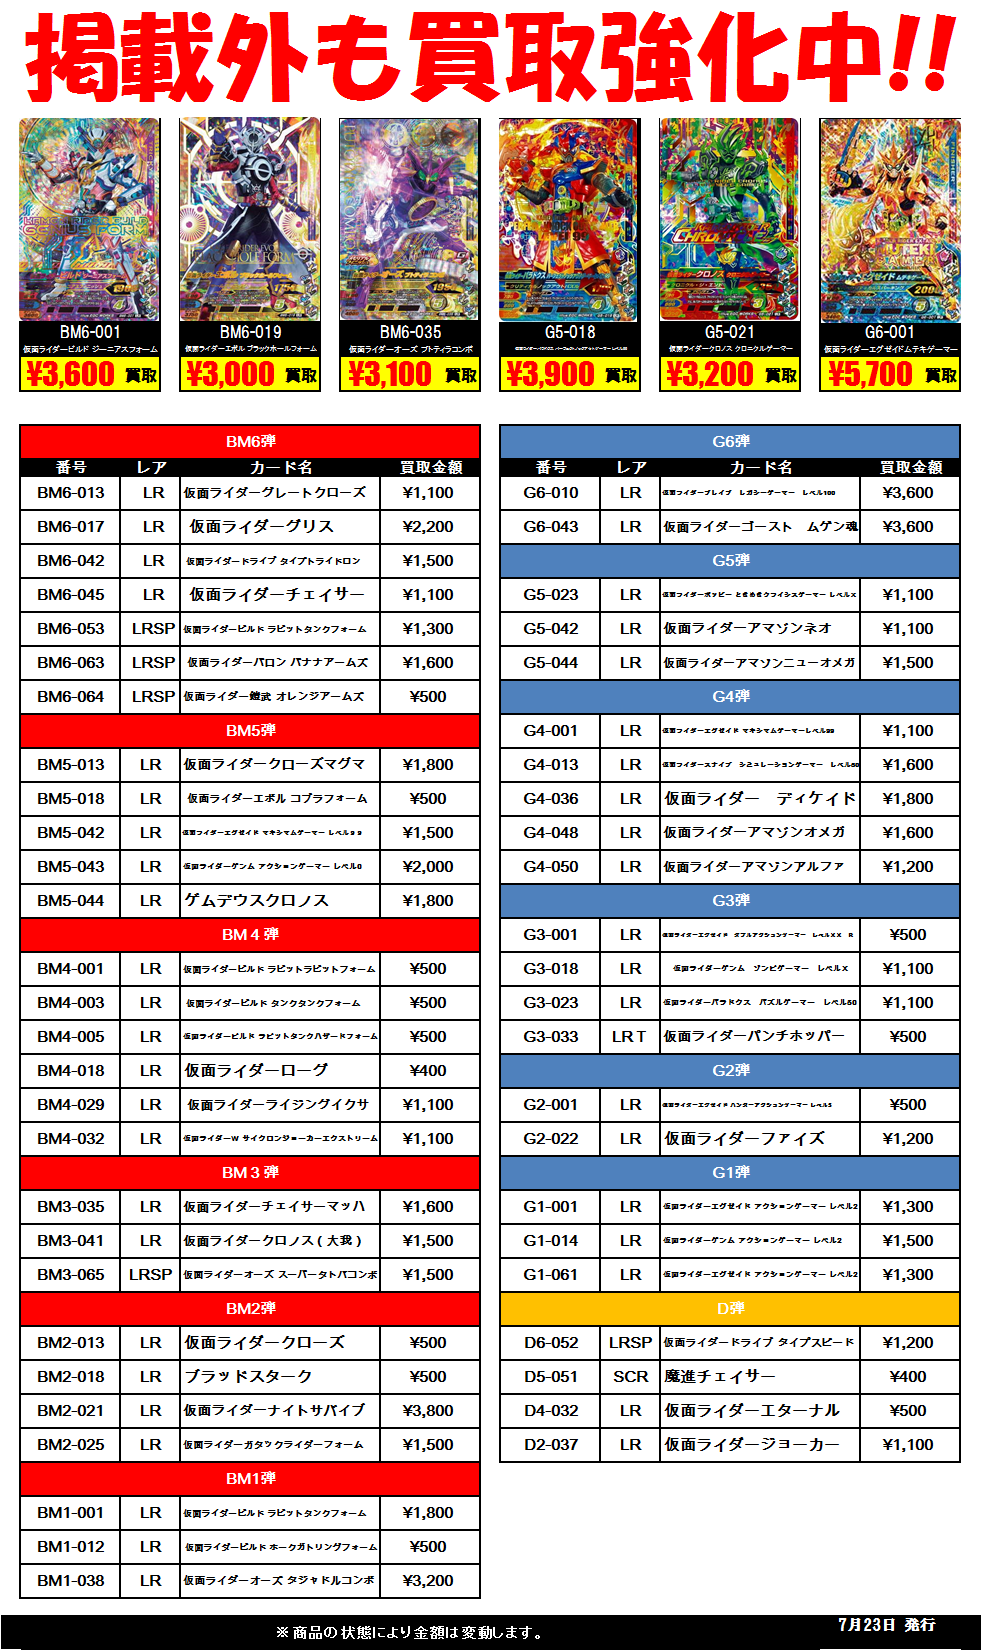 ガンバライジング査定表